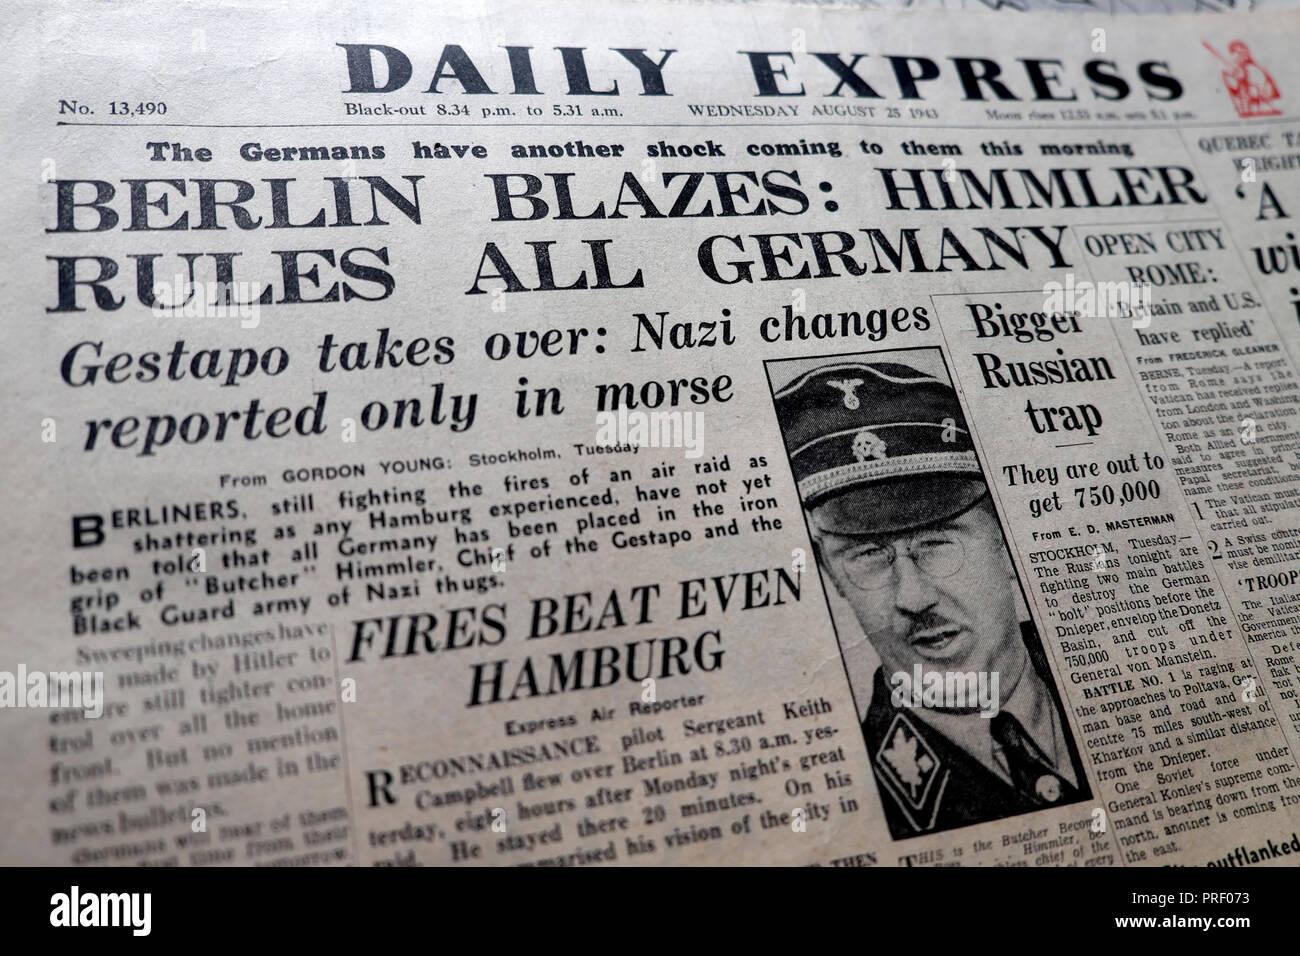 """Prima pagina dei giornali del Daily Express quotidiano 'Berlin sfolgora: Himmler regole tutti Germania"""" Londra Inghilterra REGNO UNITO 25 Agosto 1943 Seconda Guerra Mondiale Immagini Stock"""